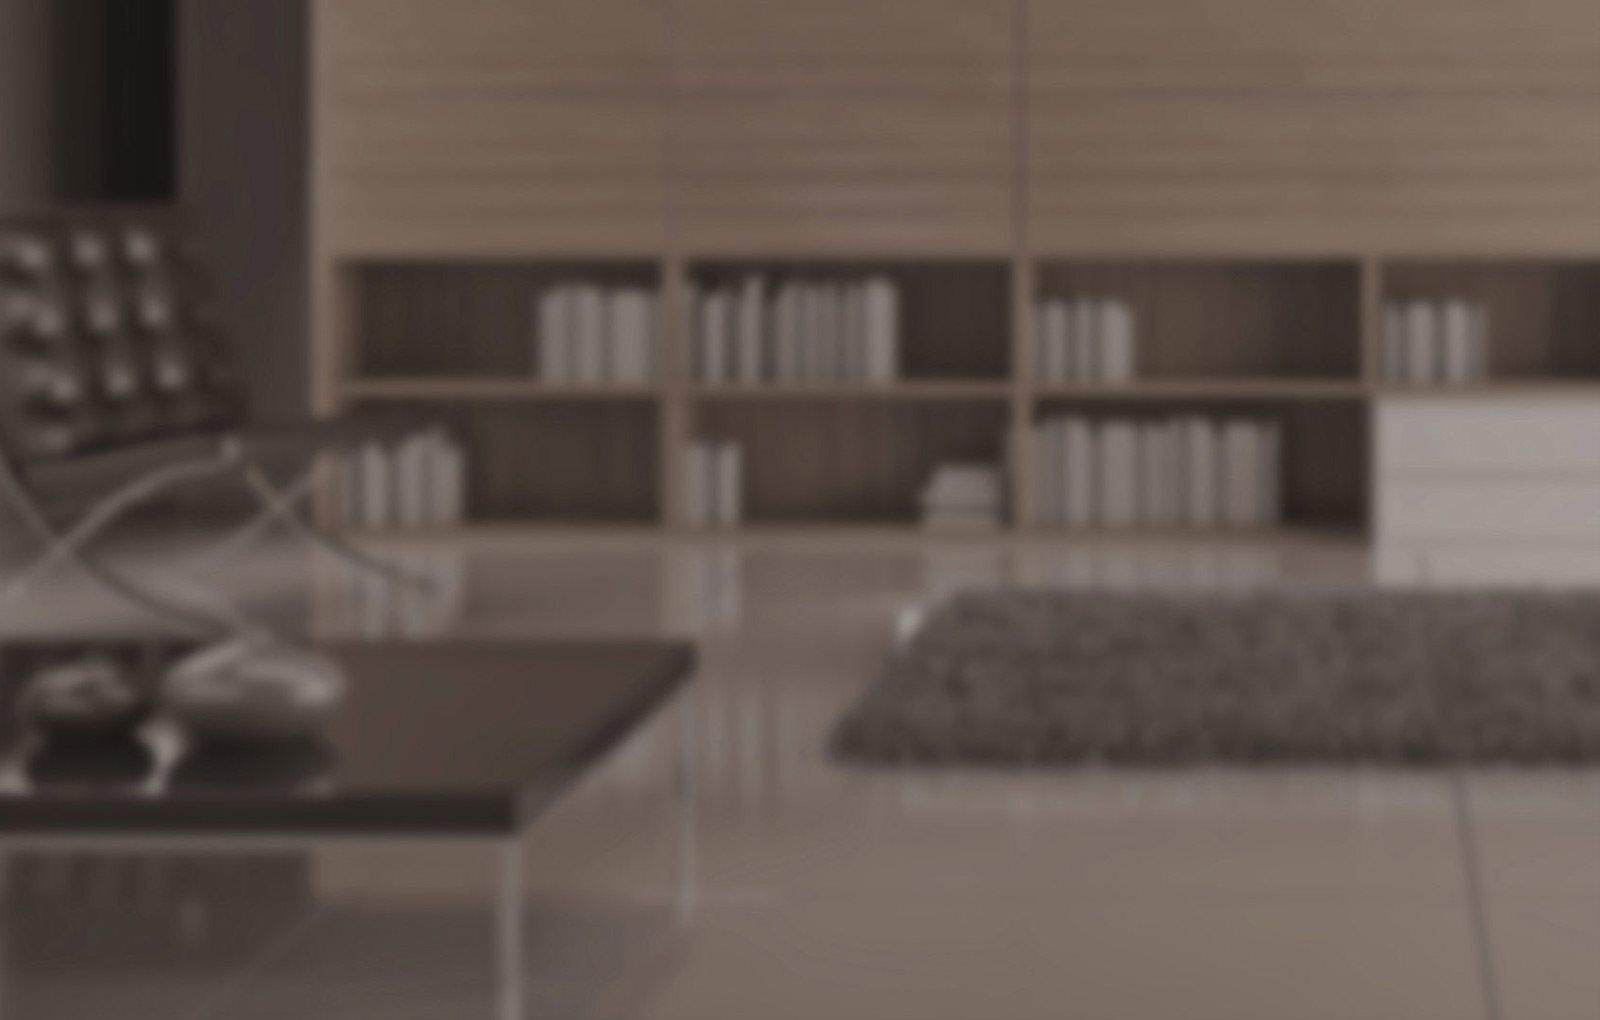 pavilion apartments in central arlington tx 1